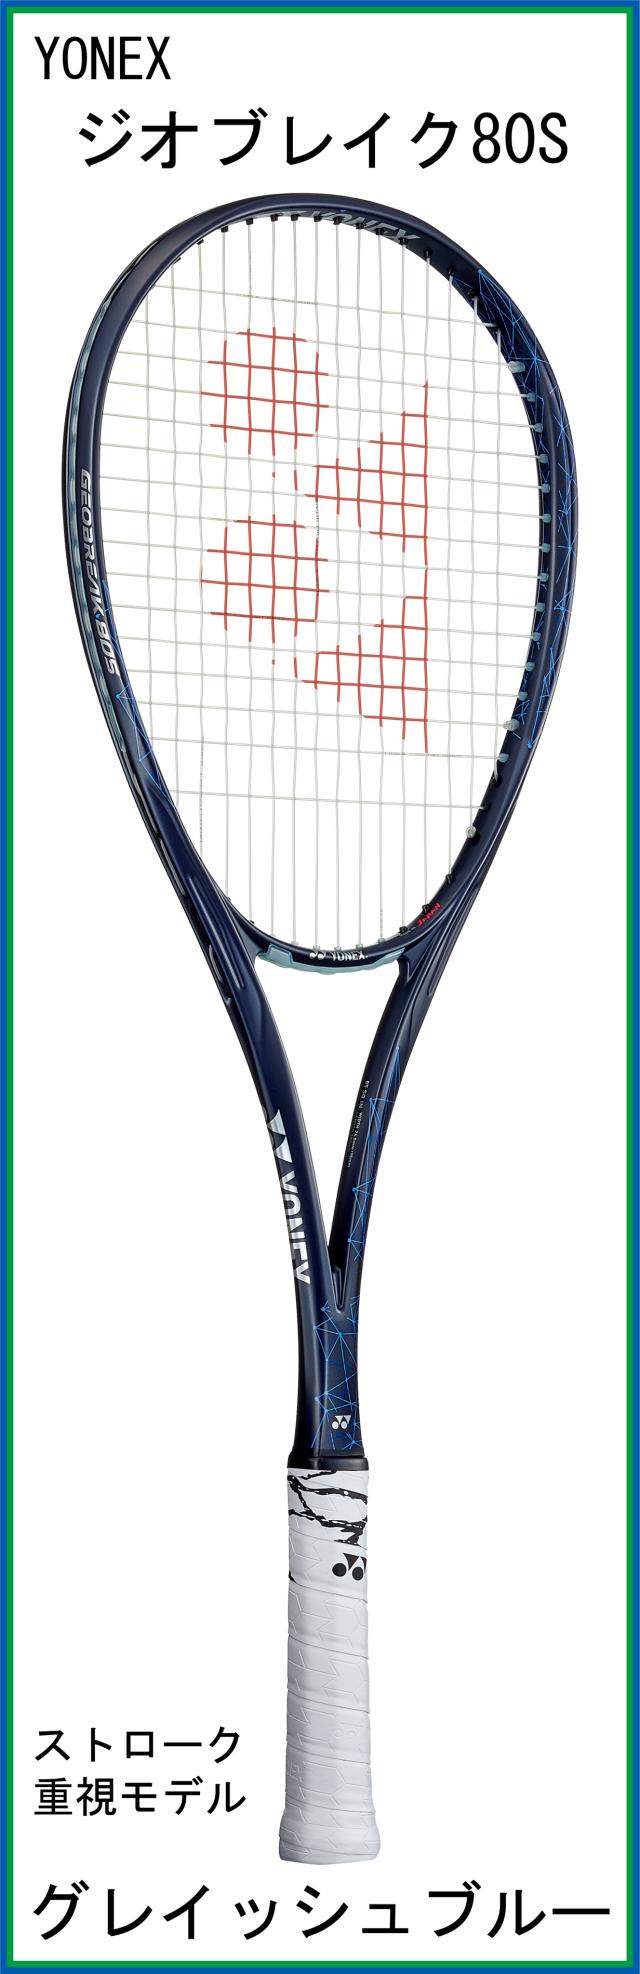 【新デザインラケット】 ヨネックス GEOBREAK 80S ジオブレイク80S (グレイッシュブルー) (2021年7月発売)